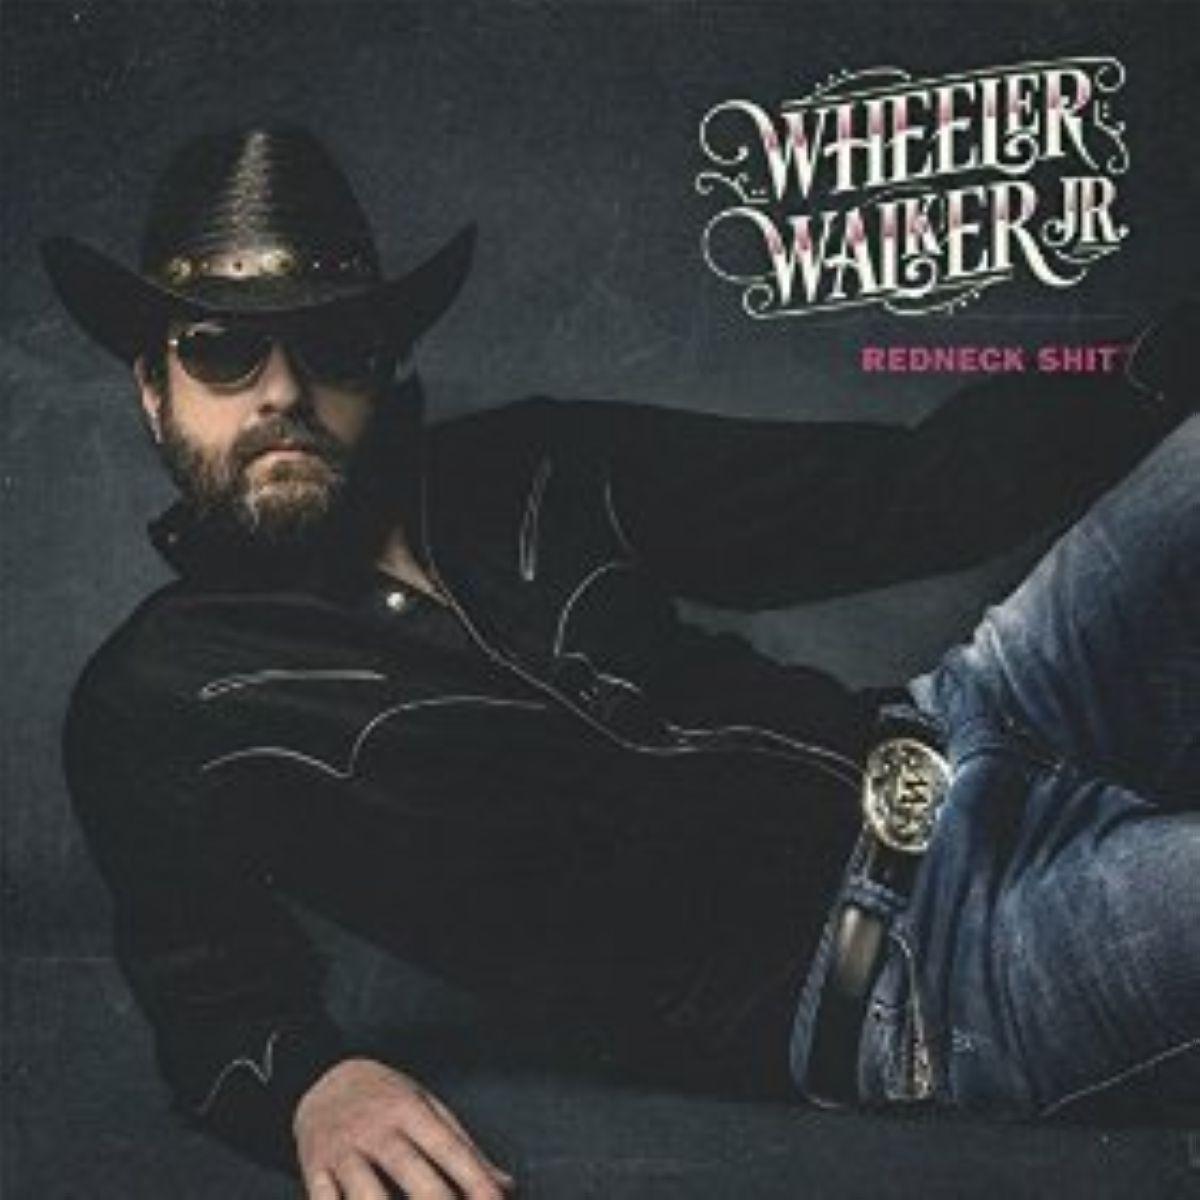 04-wheeler-walker-jr-redneck-shit_1.jpg